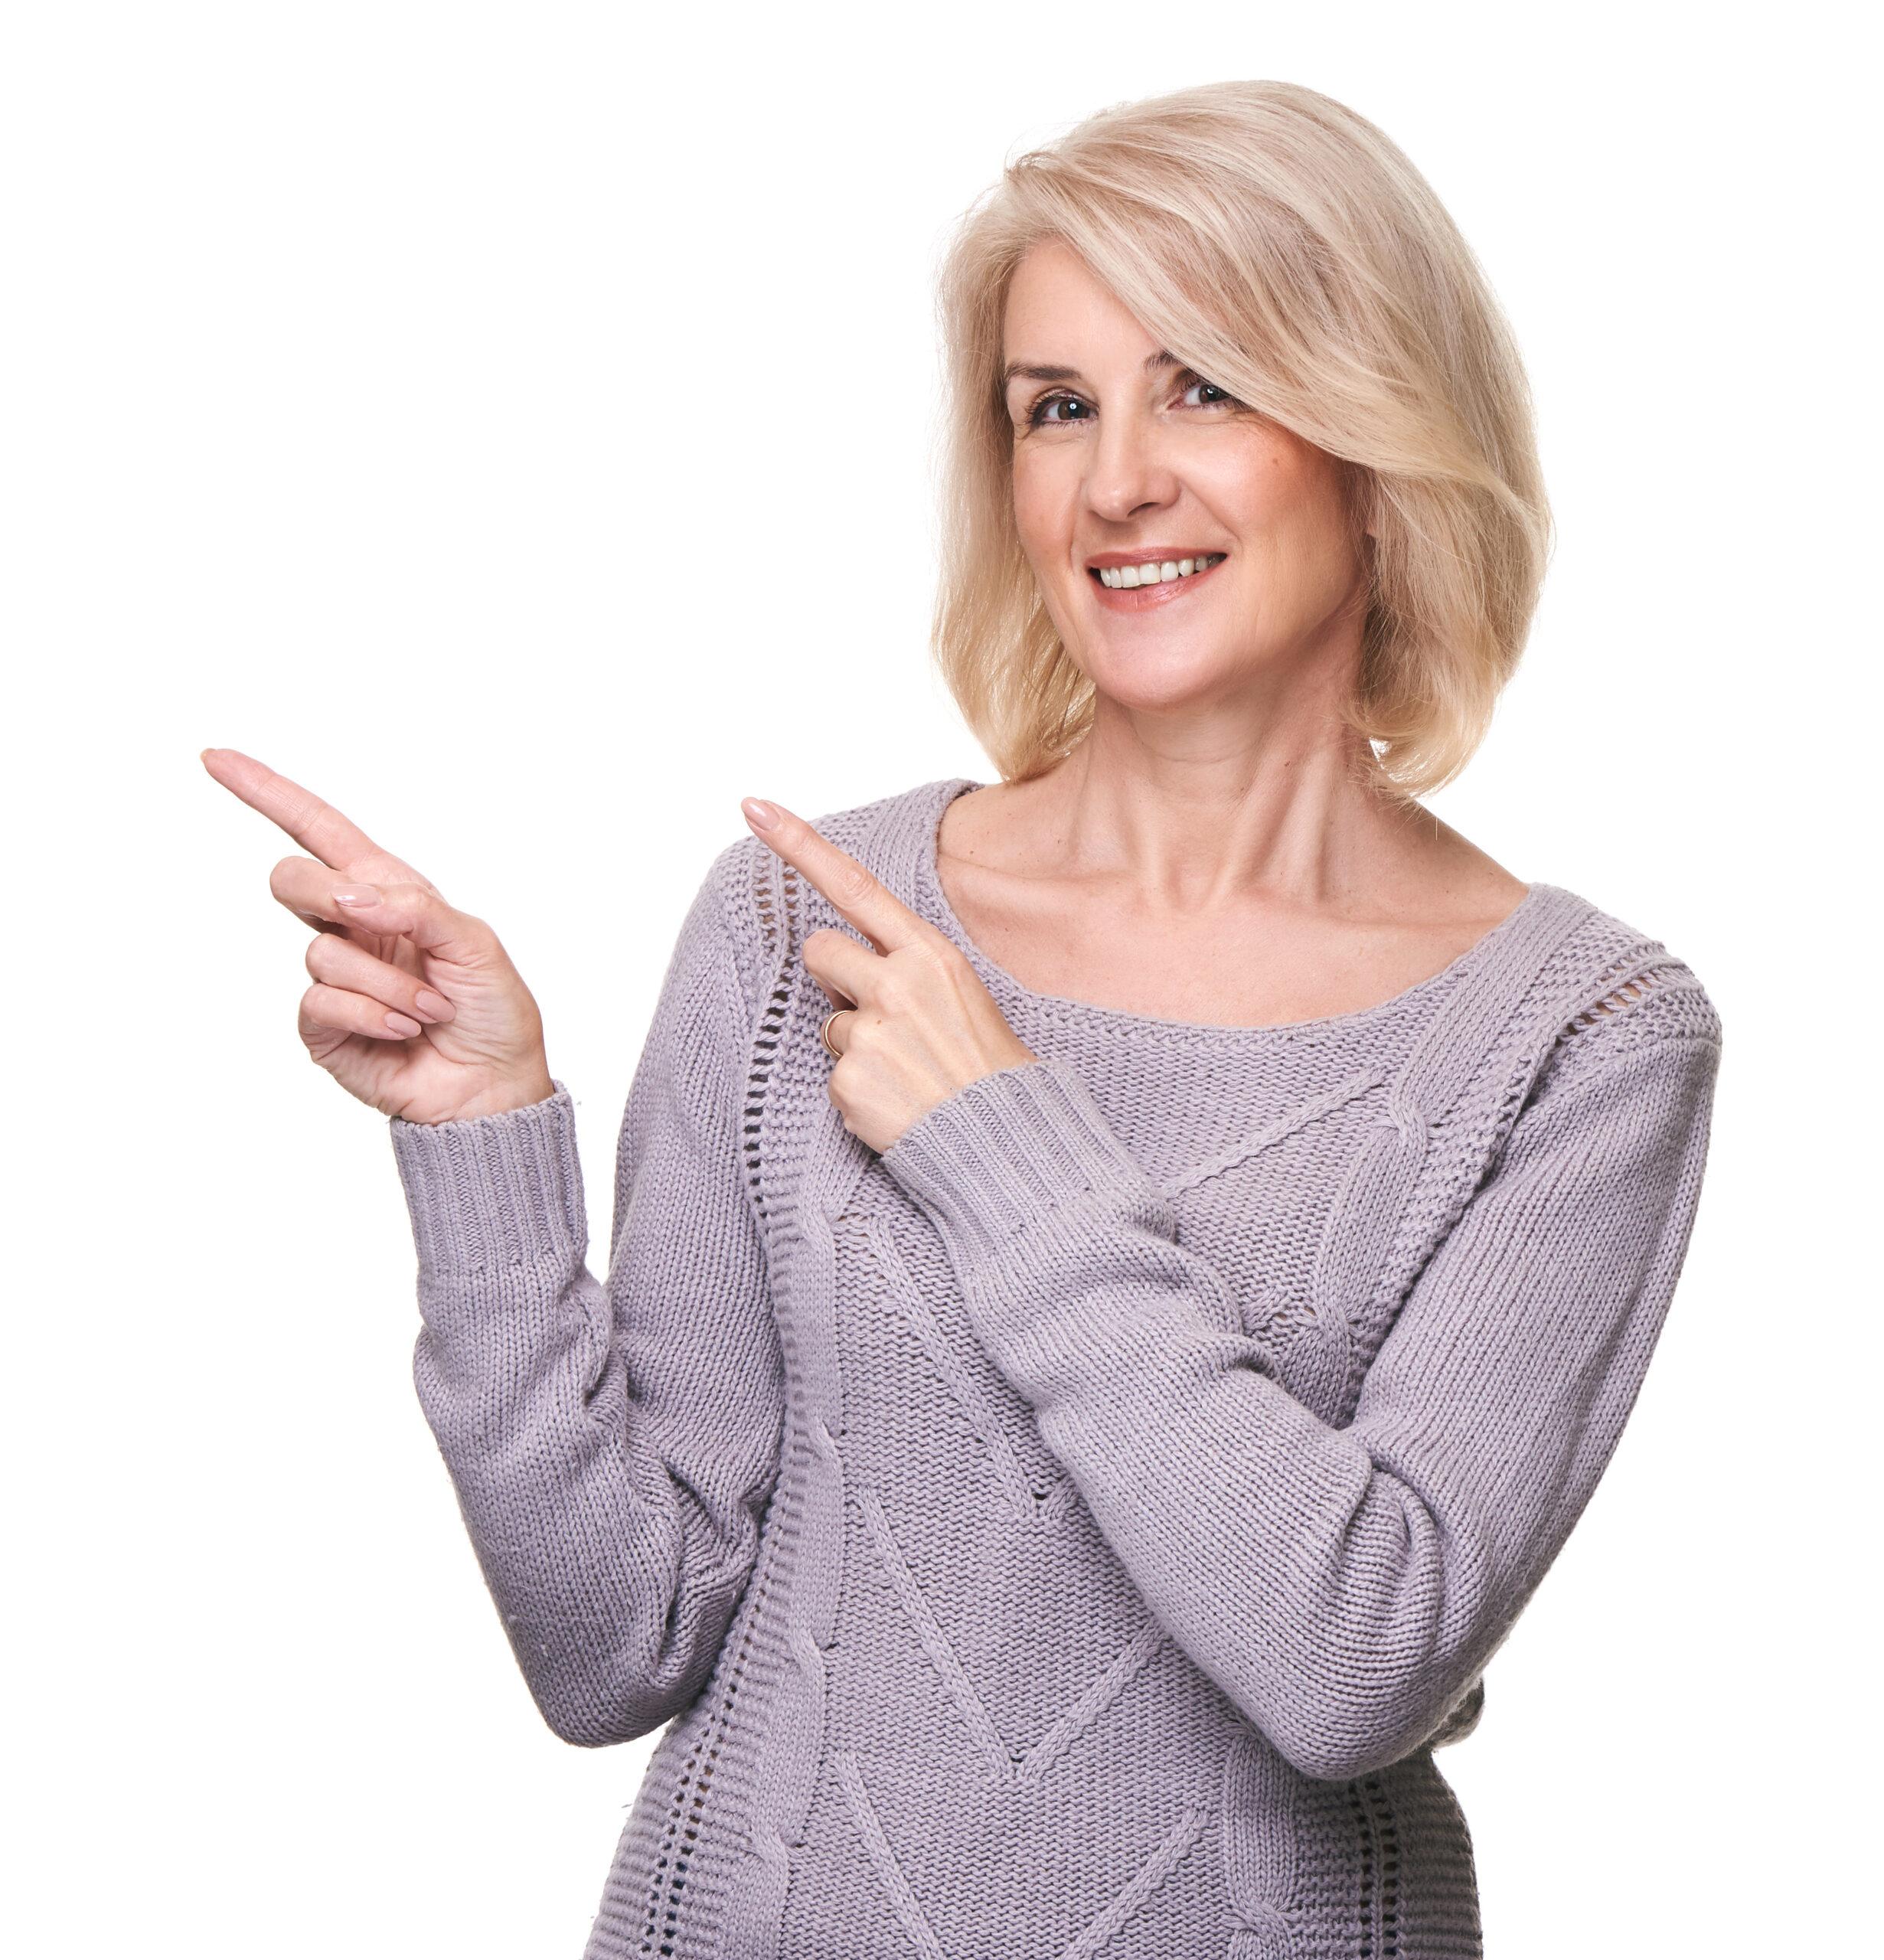 žena ukazující doprava vedle sebe